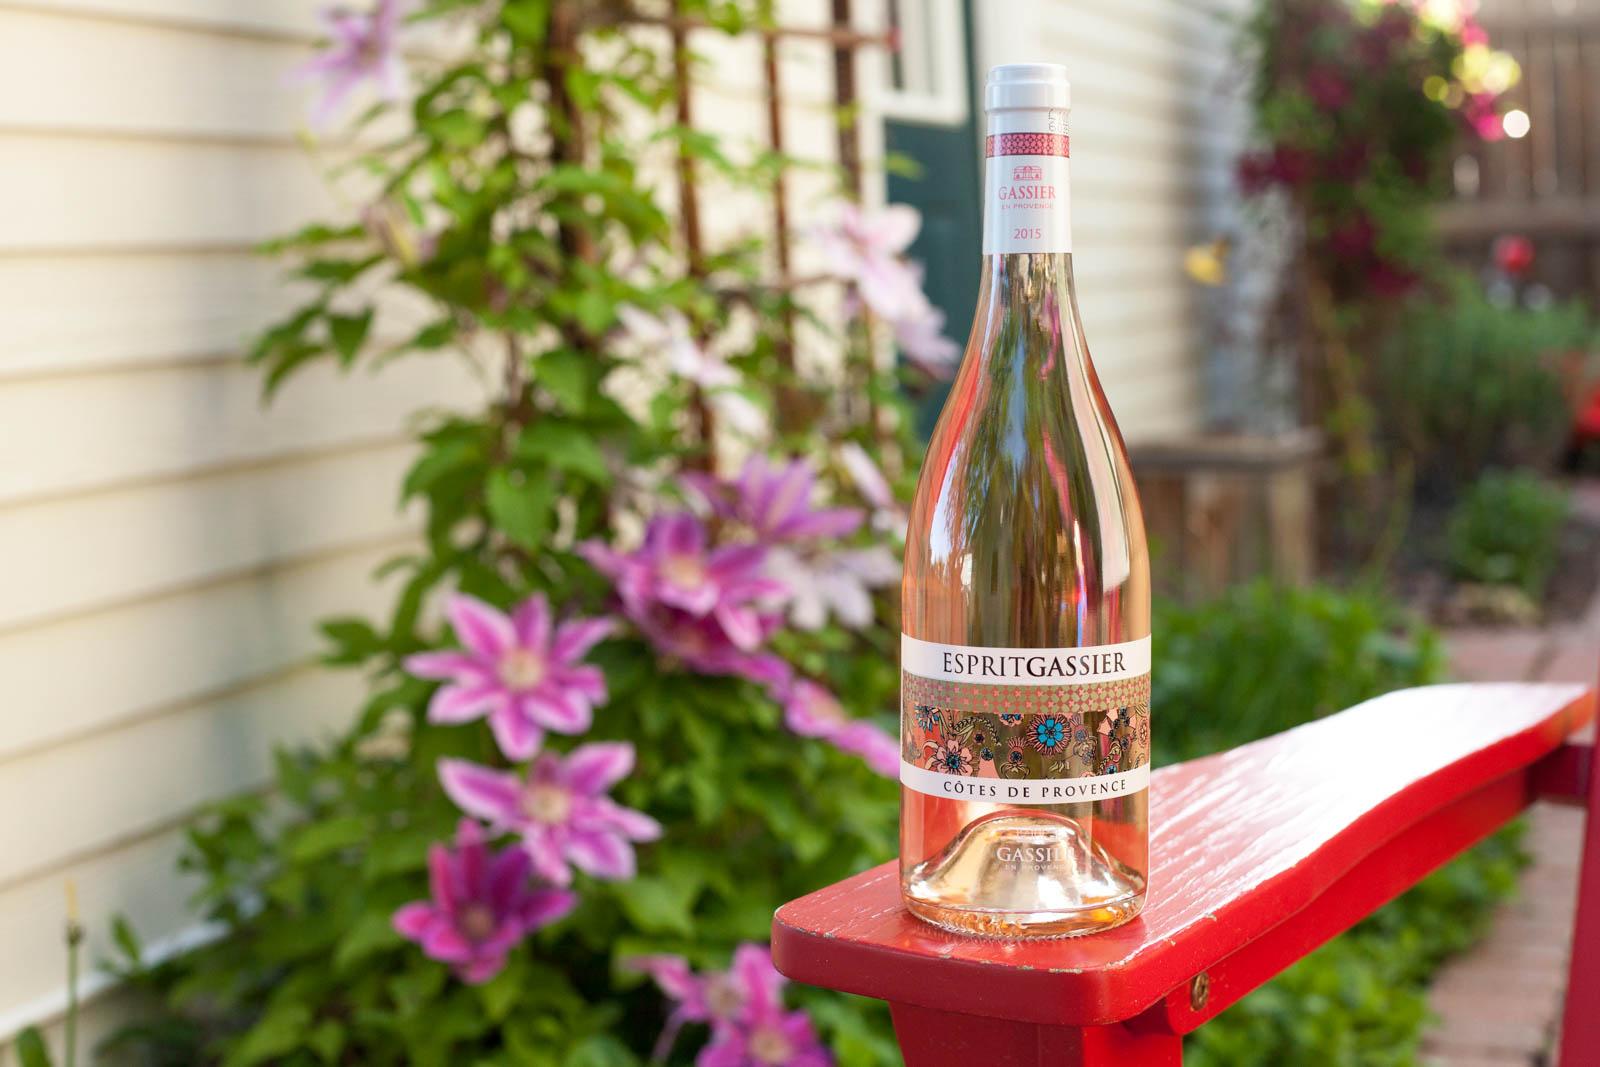 2015 Esprit Gassier Rosé Cotes de Provence ©Kevin Day